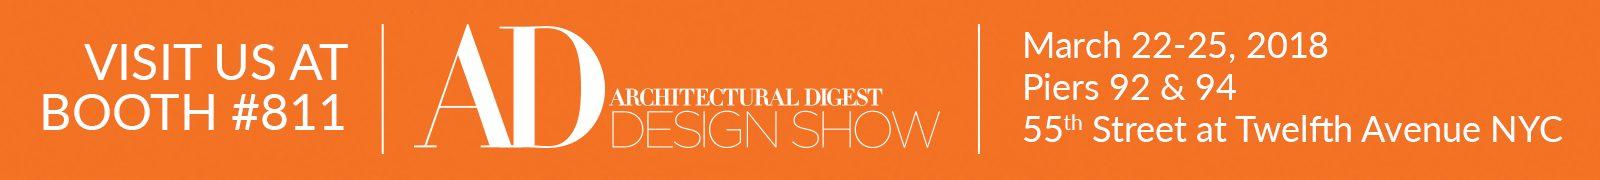 Architectural Digest Design Show Banner